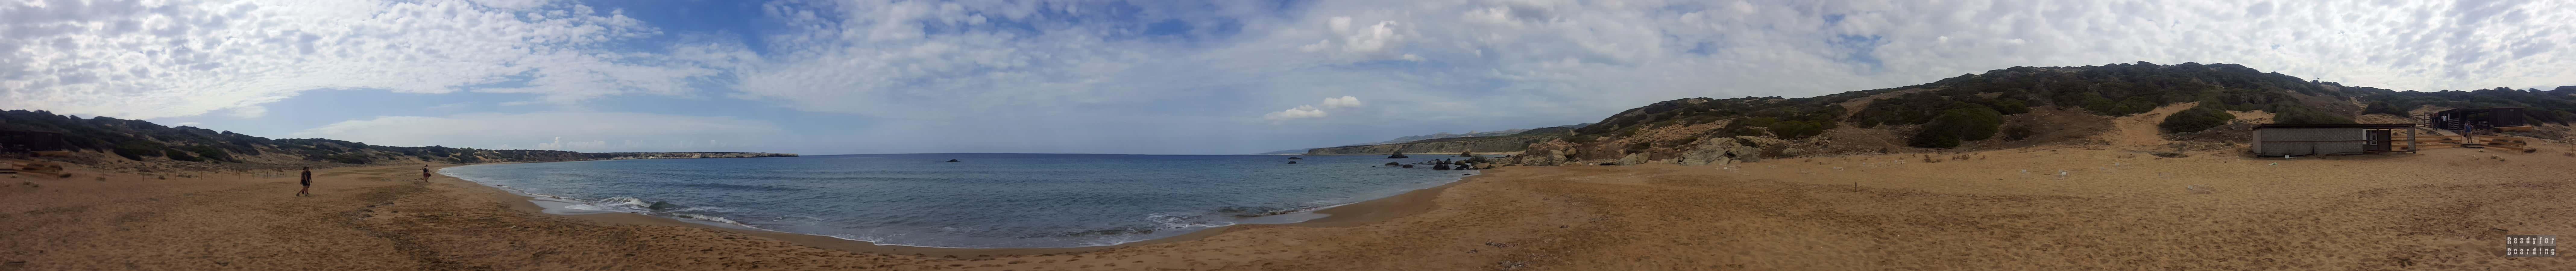 Panorama: Plaża i półwysep Lara - Cypr